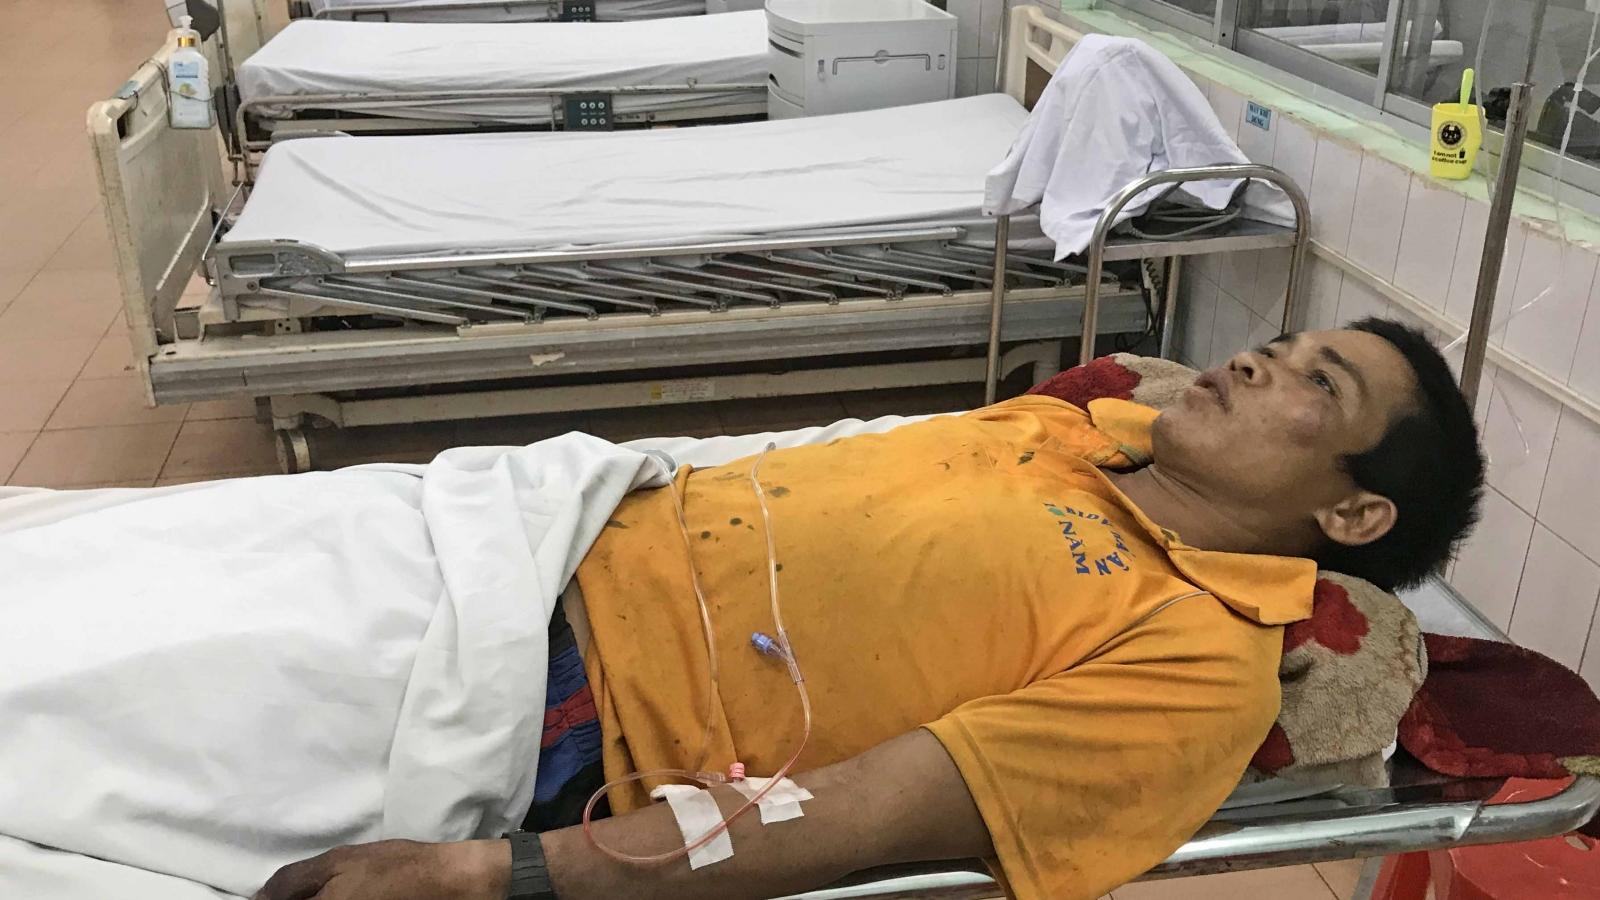 Tích cực cứu chữa 3 nạn nhân nghi bị bắn bằng đạn hoa cải ở Gia Lai